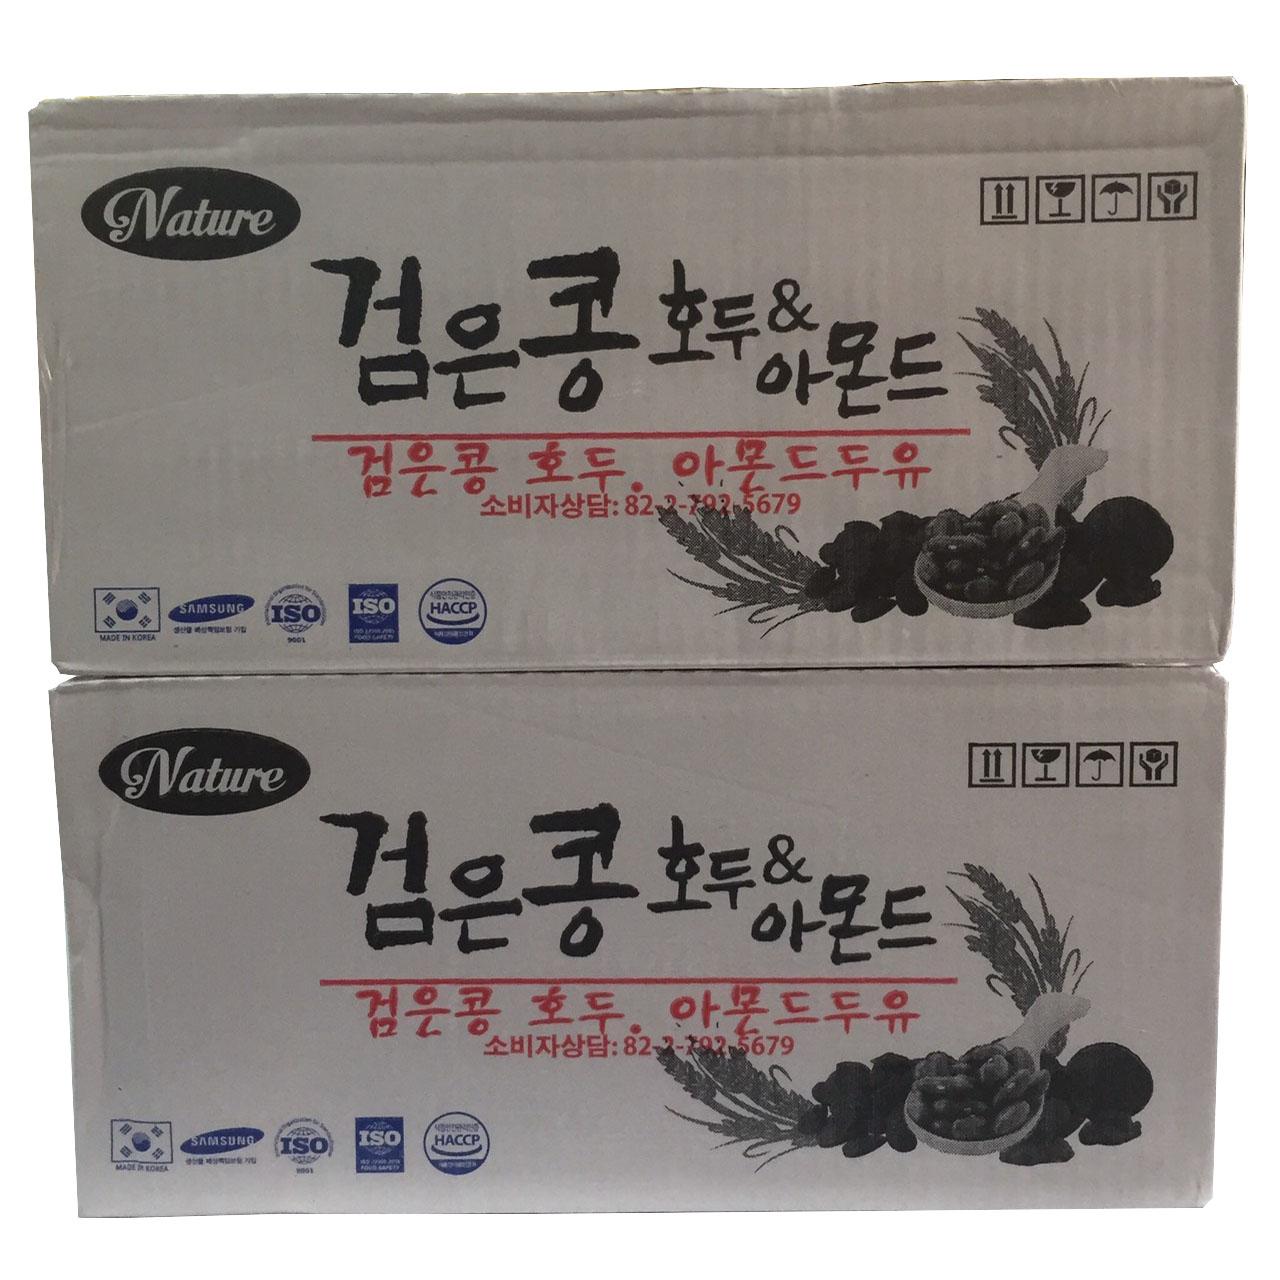 Combo 2 thùng Sữa Đậu Đen Óc Chó Hạnh Nhân Nature Hàn Quốc (190ml x 24 hộp) bồi bổ sức khỏe, sữa óc chó hạnh... - 18744620 , 4351472169662 , 62_34645498 , 799000 , Combo-2-thung-Sua-Dau-Den-Oc-Cho-Hanh-Nhan-Nature-Han-Quoc-190ml-x-24-hop-boi-bo-suc-khoe-sua-oc-cho-hanh...-62_34645498 , tiki.vn , Combo 2 thùng Sữa Đậu Đen Óc Chó Hạnh Nhân Nature Hàn Quốc (190ml x